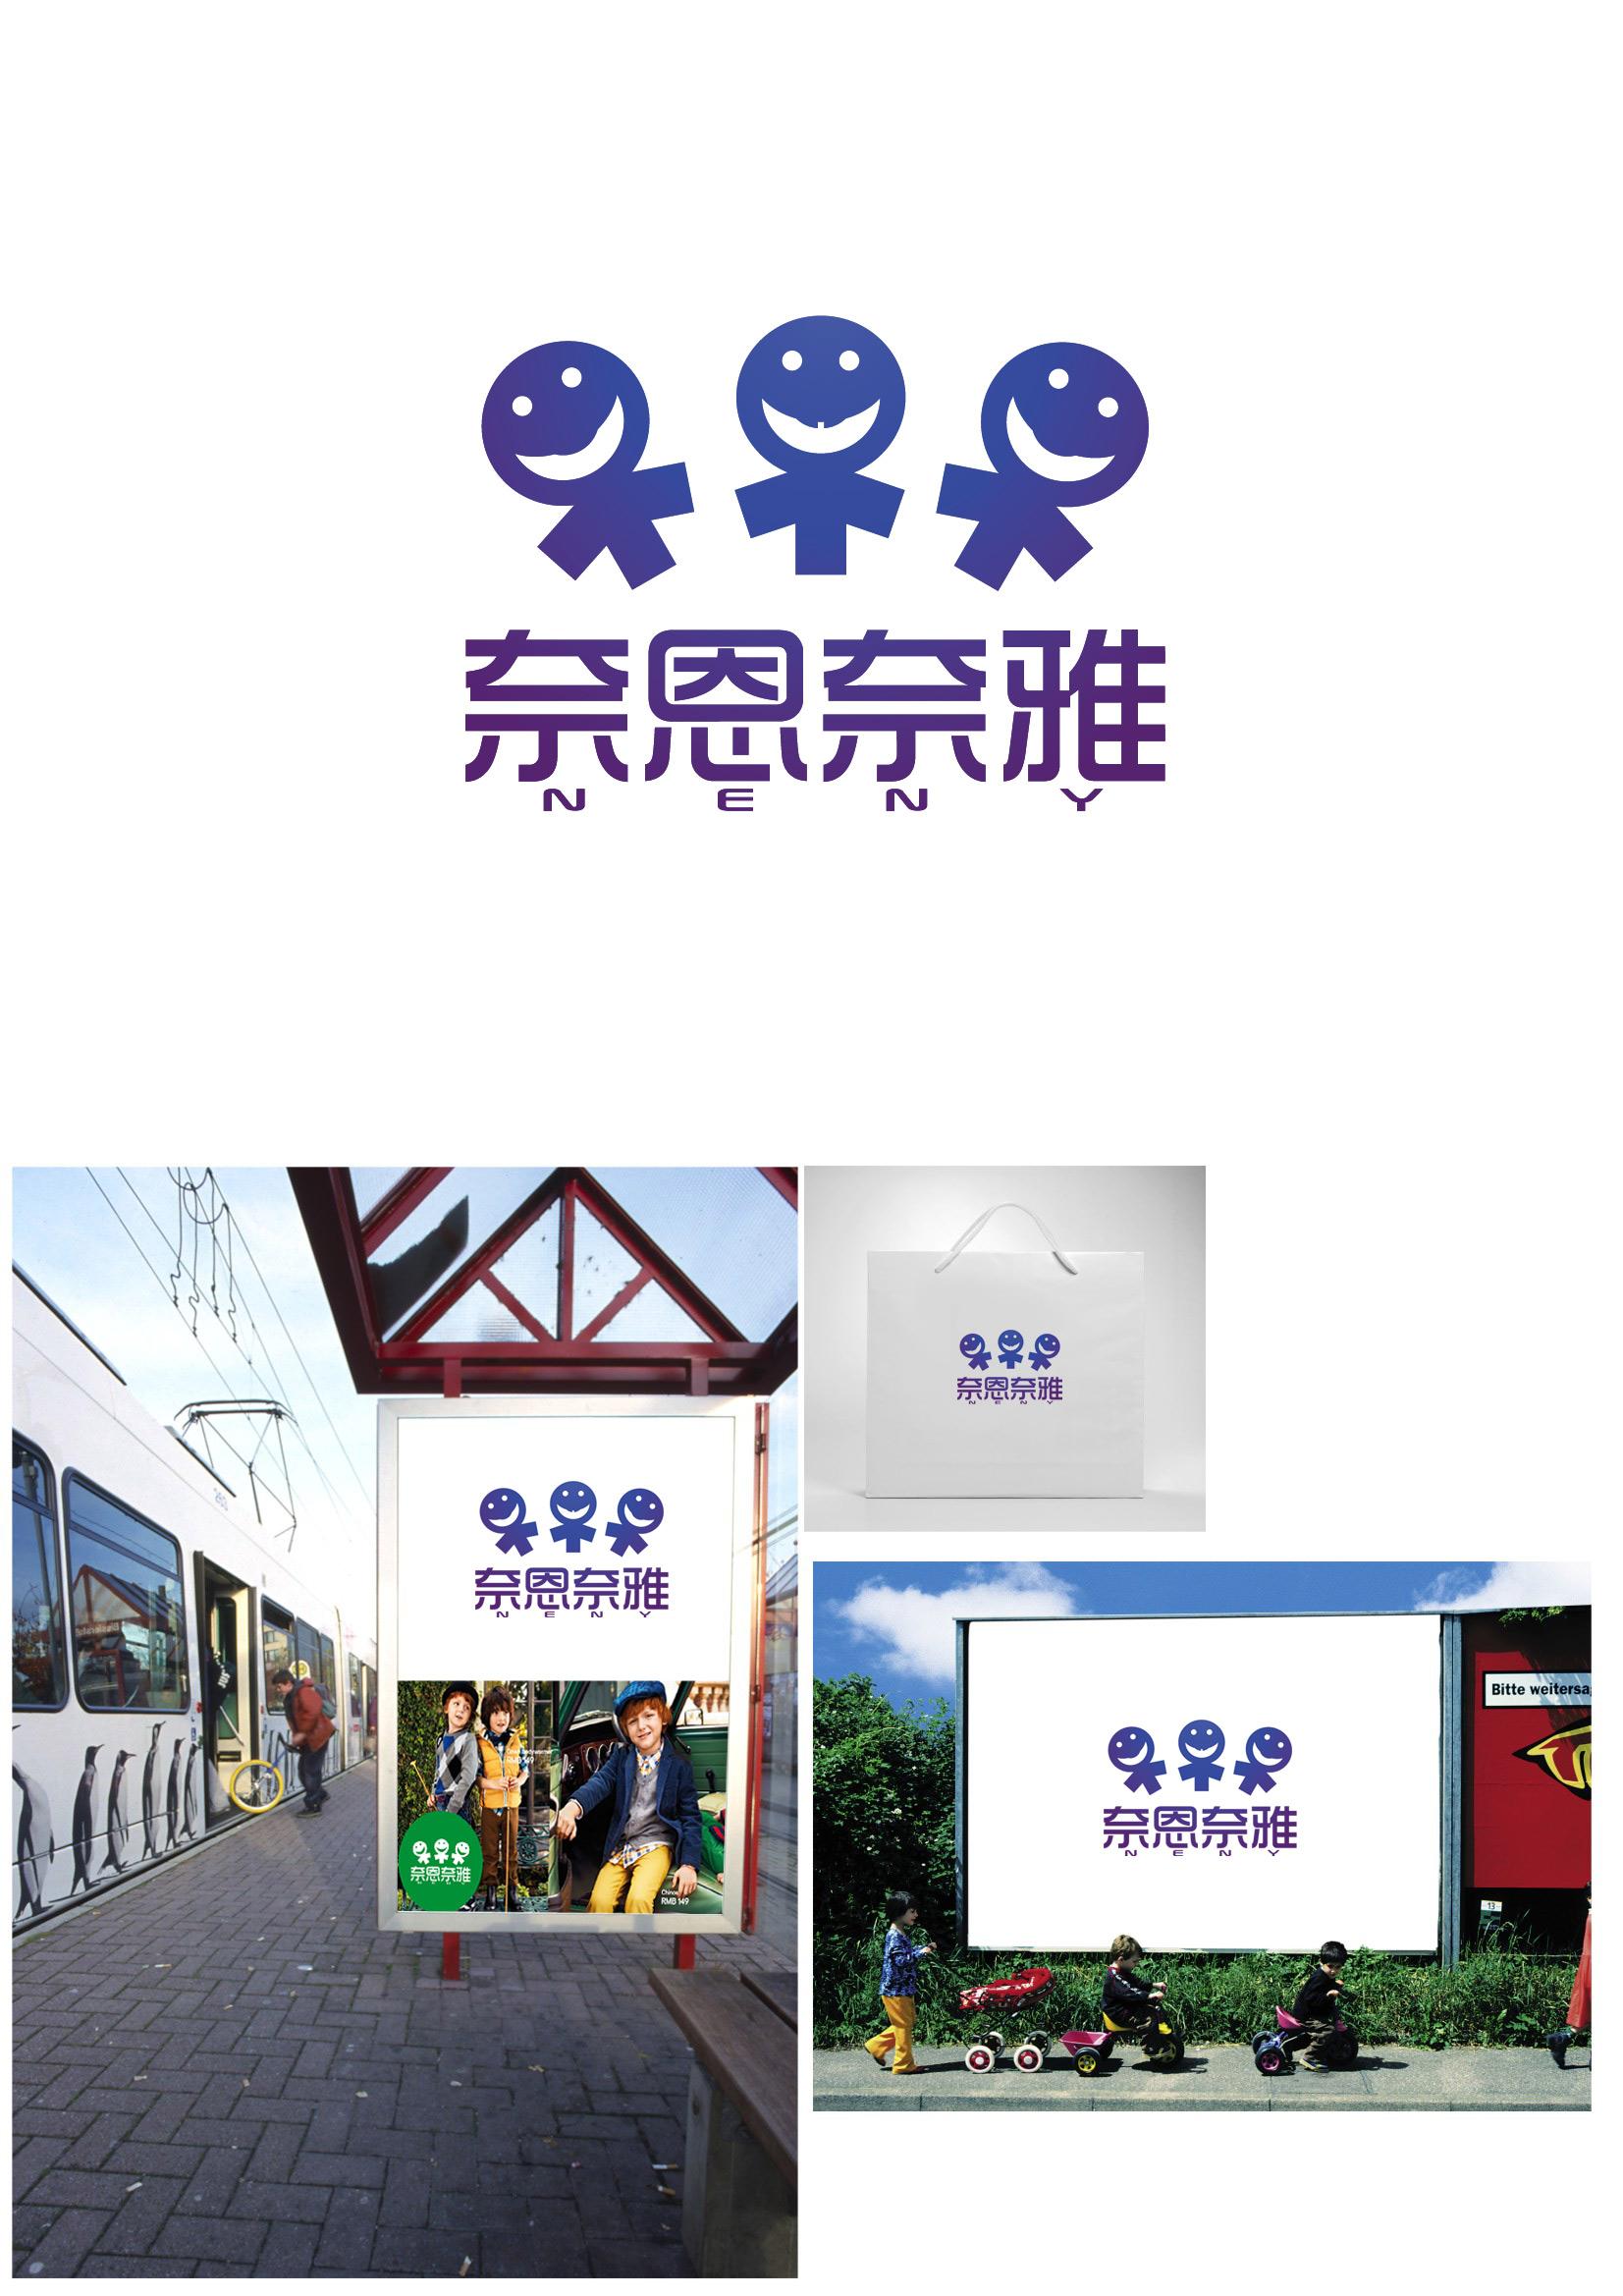 logo原创设计案列_艺庄建筑设计工作室案例展示